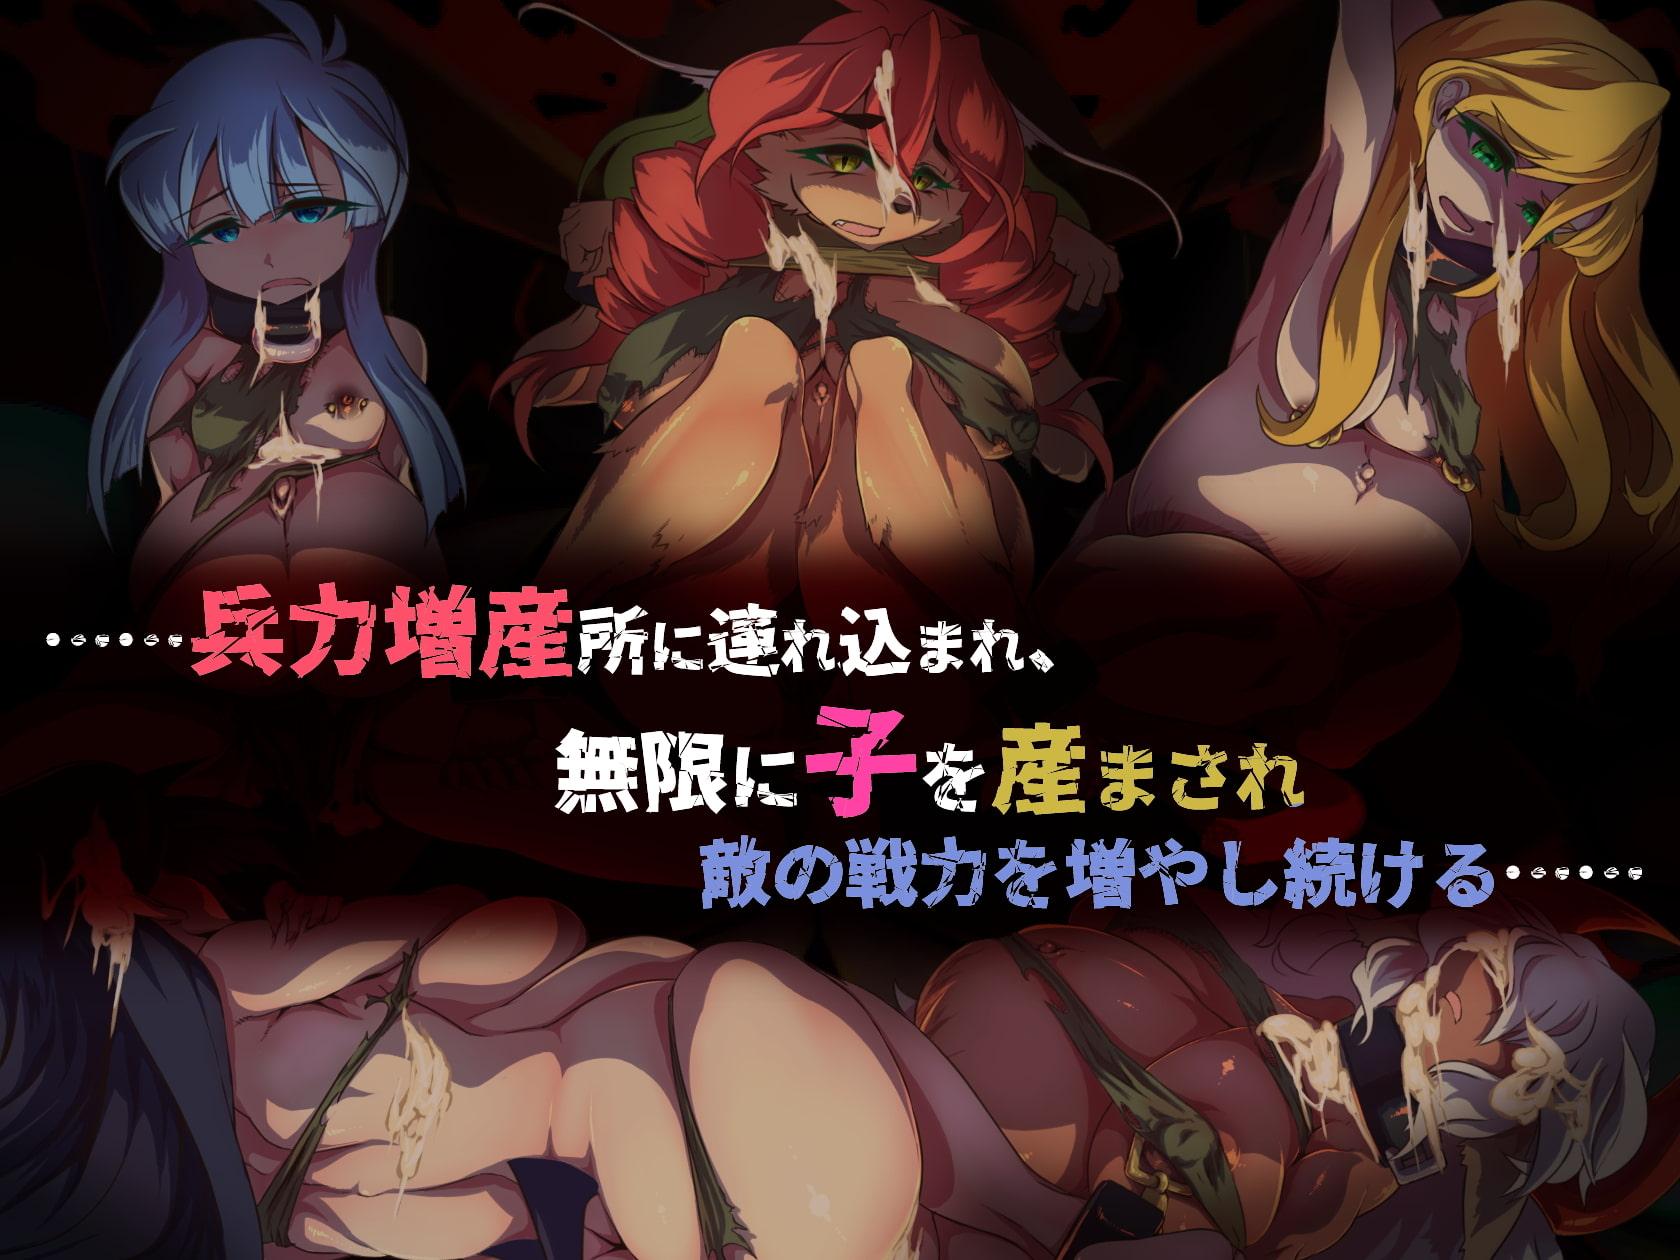 【異種姦senkaSRPG】Rise Arisen ~ライズ、アライズン~【早期購入特典付き】 [当方丸宝堂]